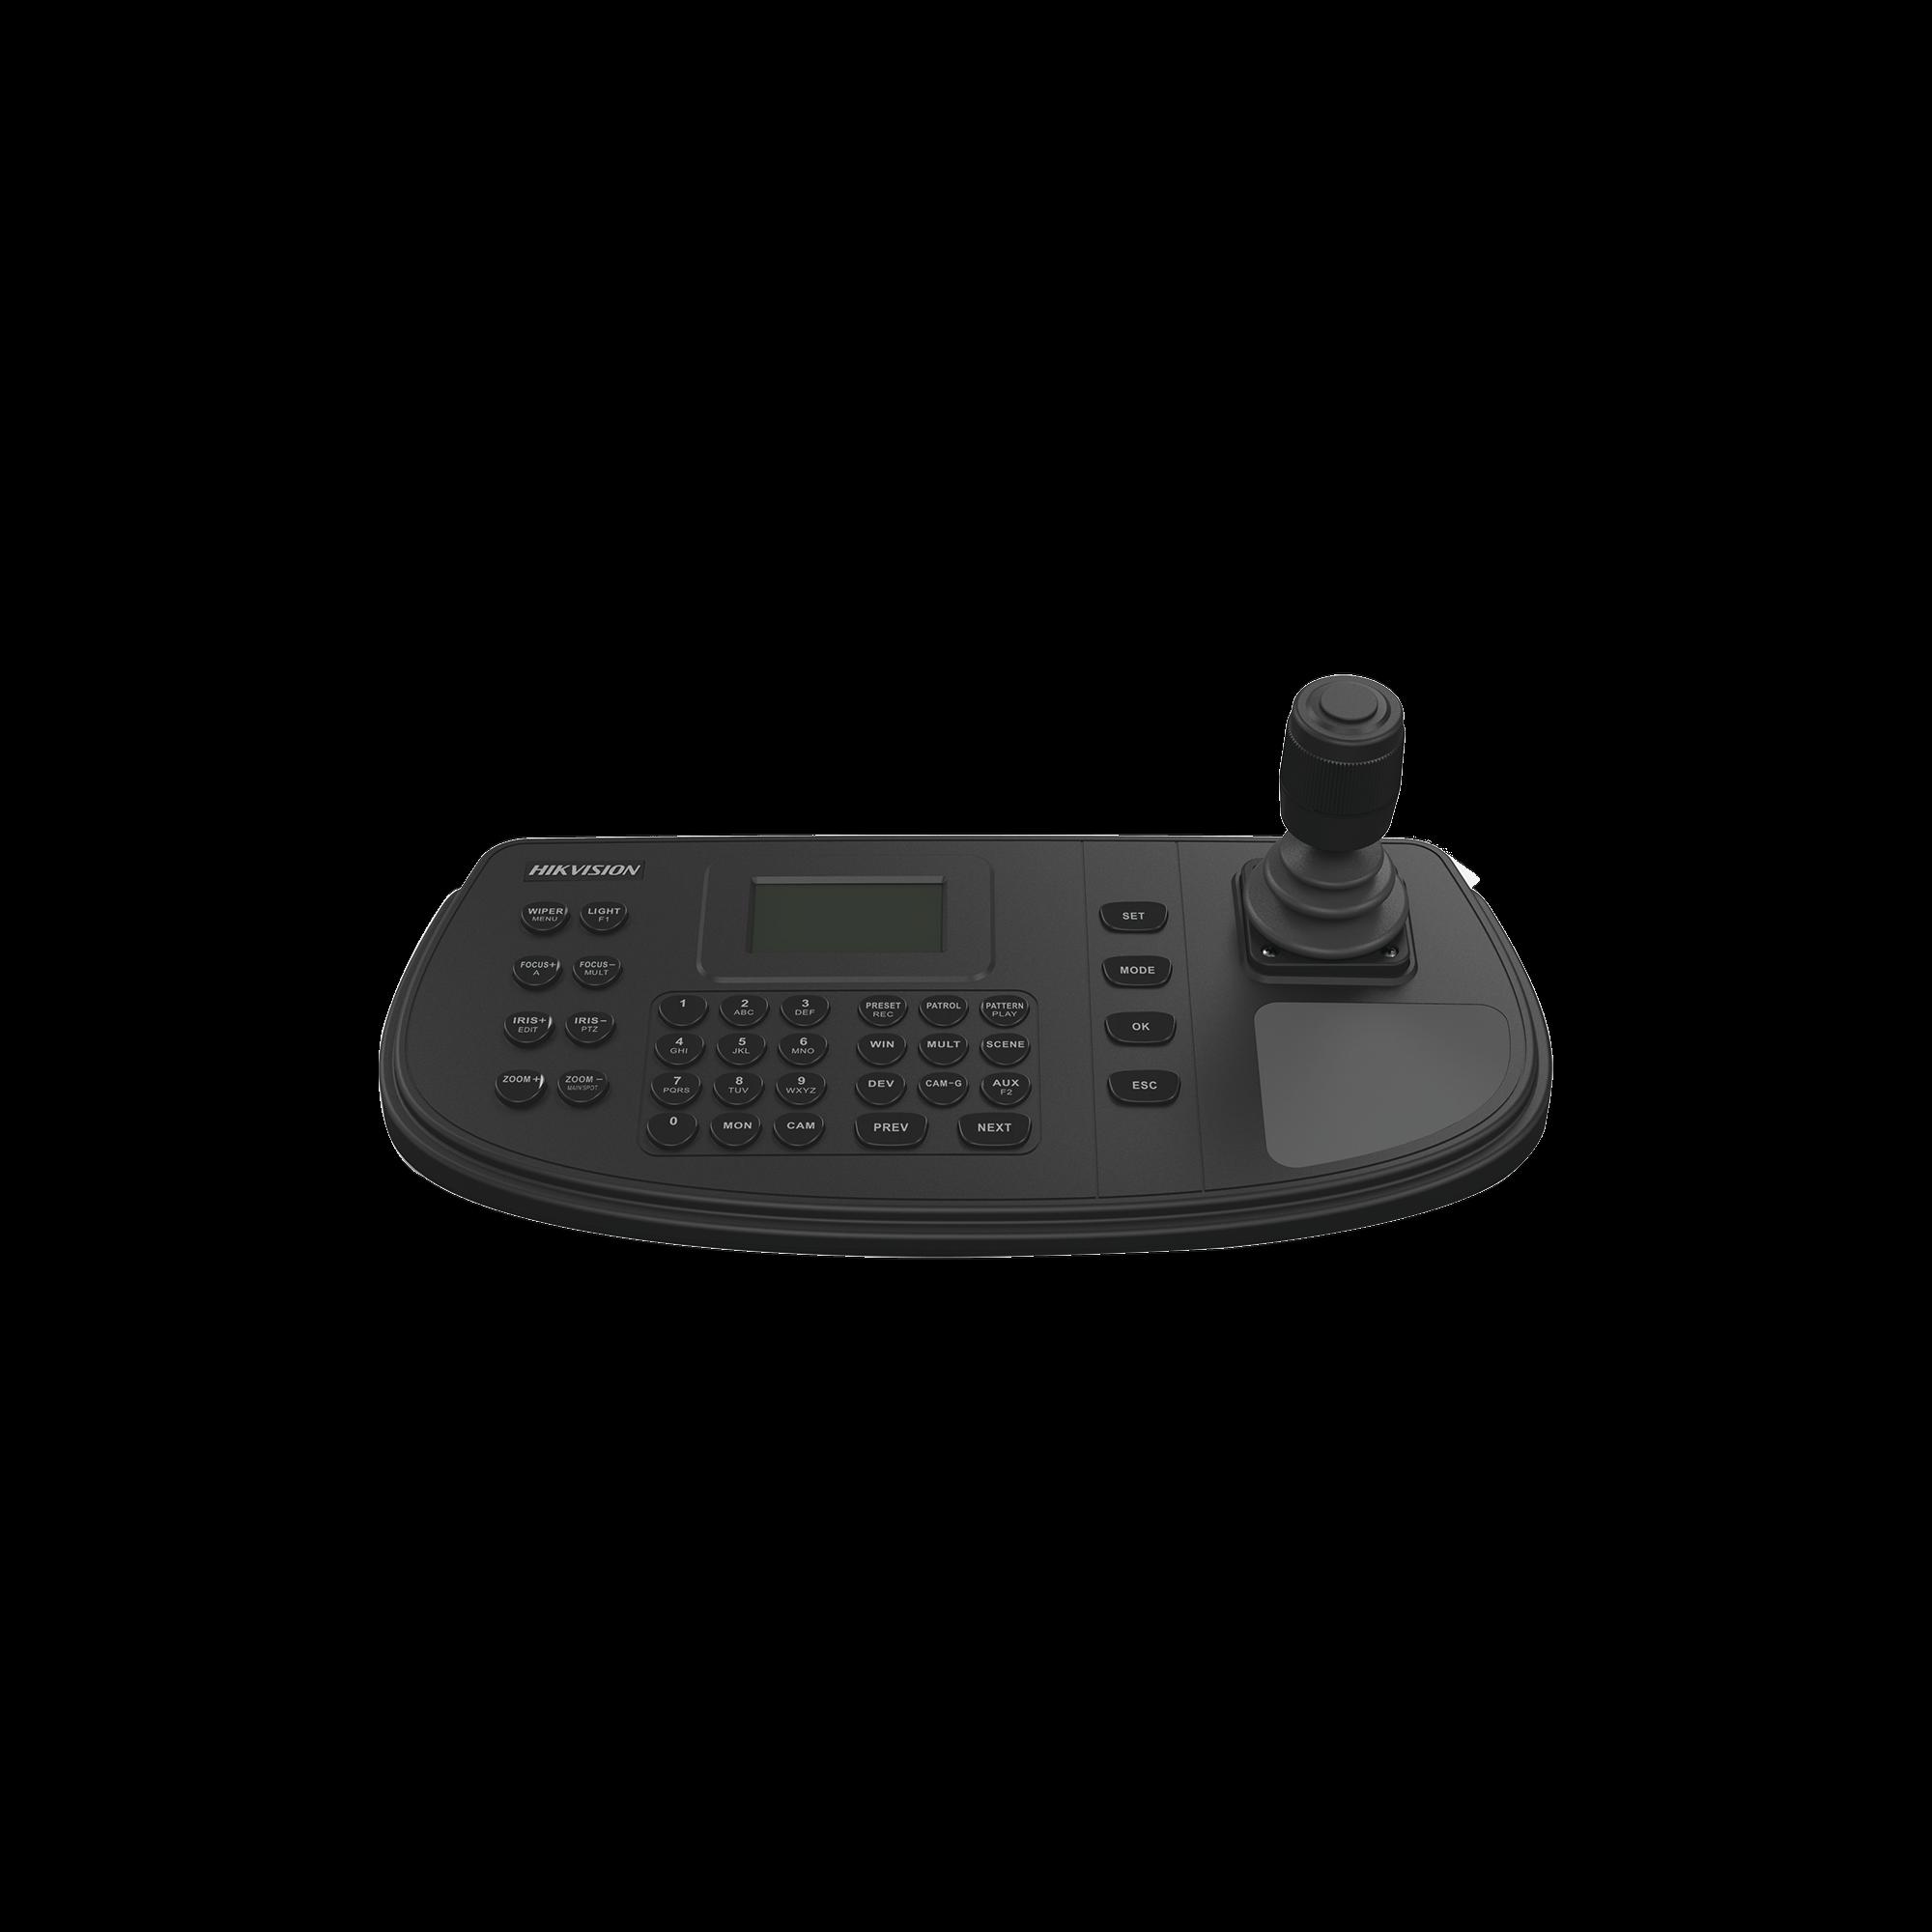 Controlador IP para DVR, NVR y PTZ a través de red / Soporta RS-485 / Compatible con epcom y HIKVISION